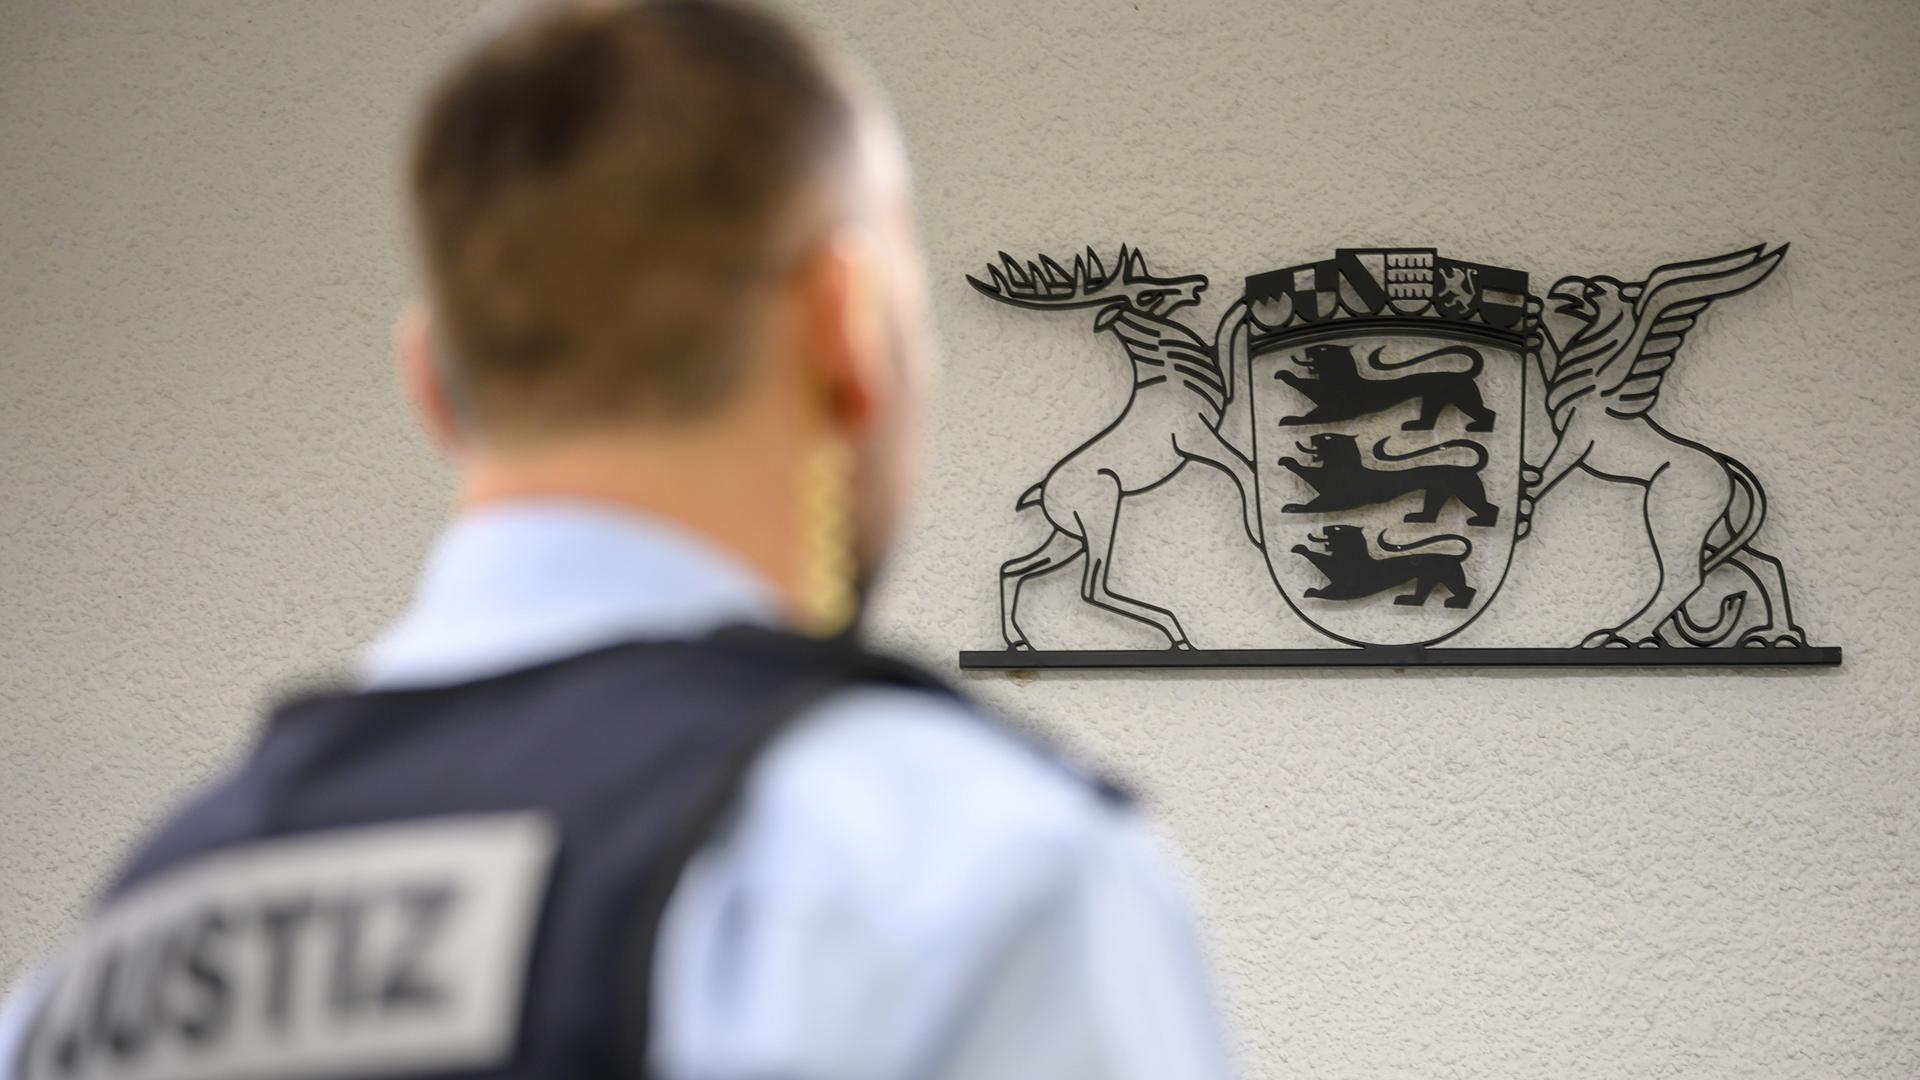 ARCHIV - Ein Justizbeamter steht in einem Gerichtssaal des Landgerichts (gestellte Szene). In dem Gebäude wird nach mehr als einem Dutzend Drohschreiben und einem versuchten Brandanschlag ein Urteil gegen ein Paar aus Stuttgart gesprochen werden. (zu dpa «Urteil nach Drohschreiben gegen Politiker erwartet») +++ dpa-Bildfunk +++